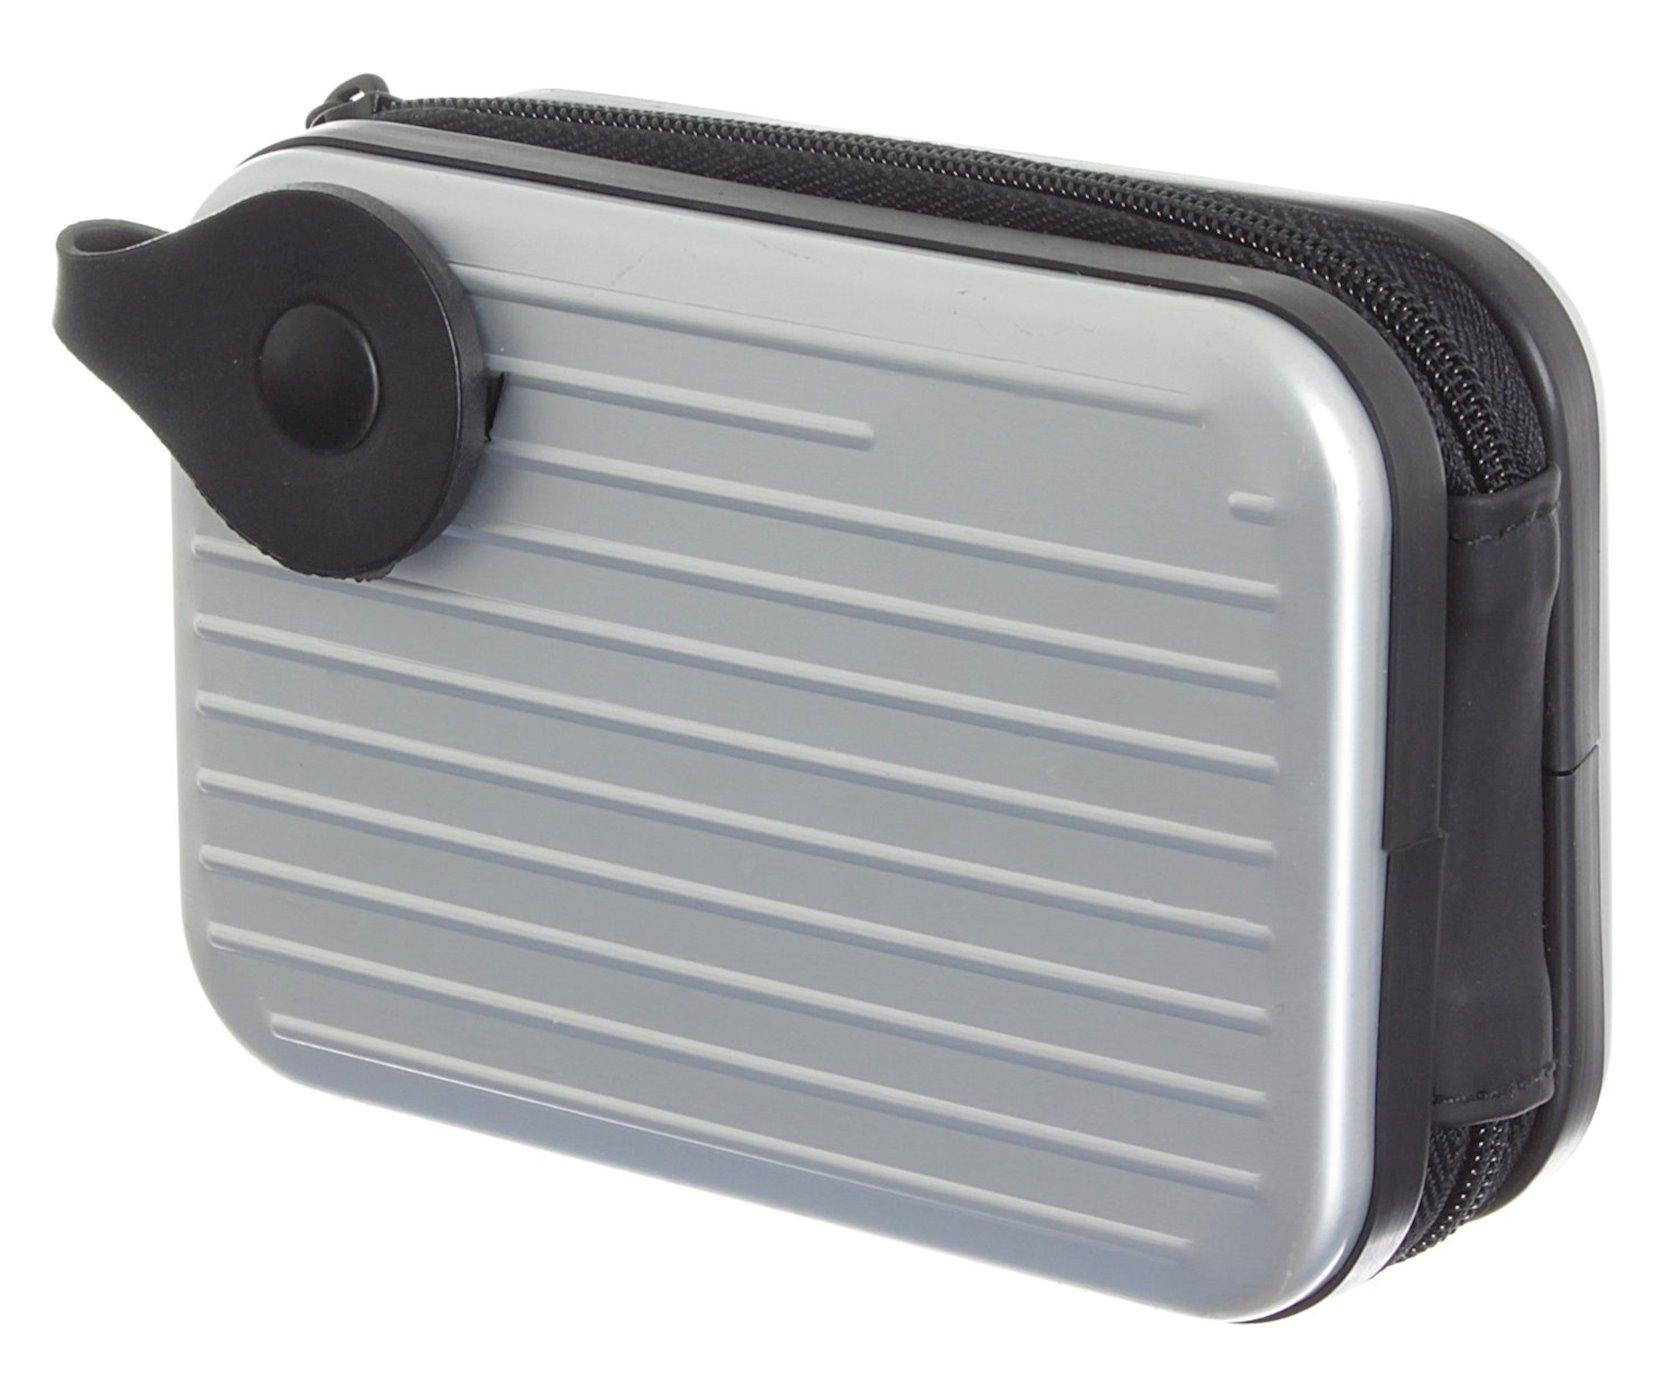 Fotokamera üçün çexol Port Designs Dusseldorf Compact Mat 400350